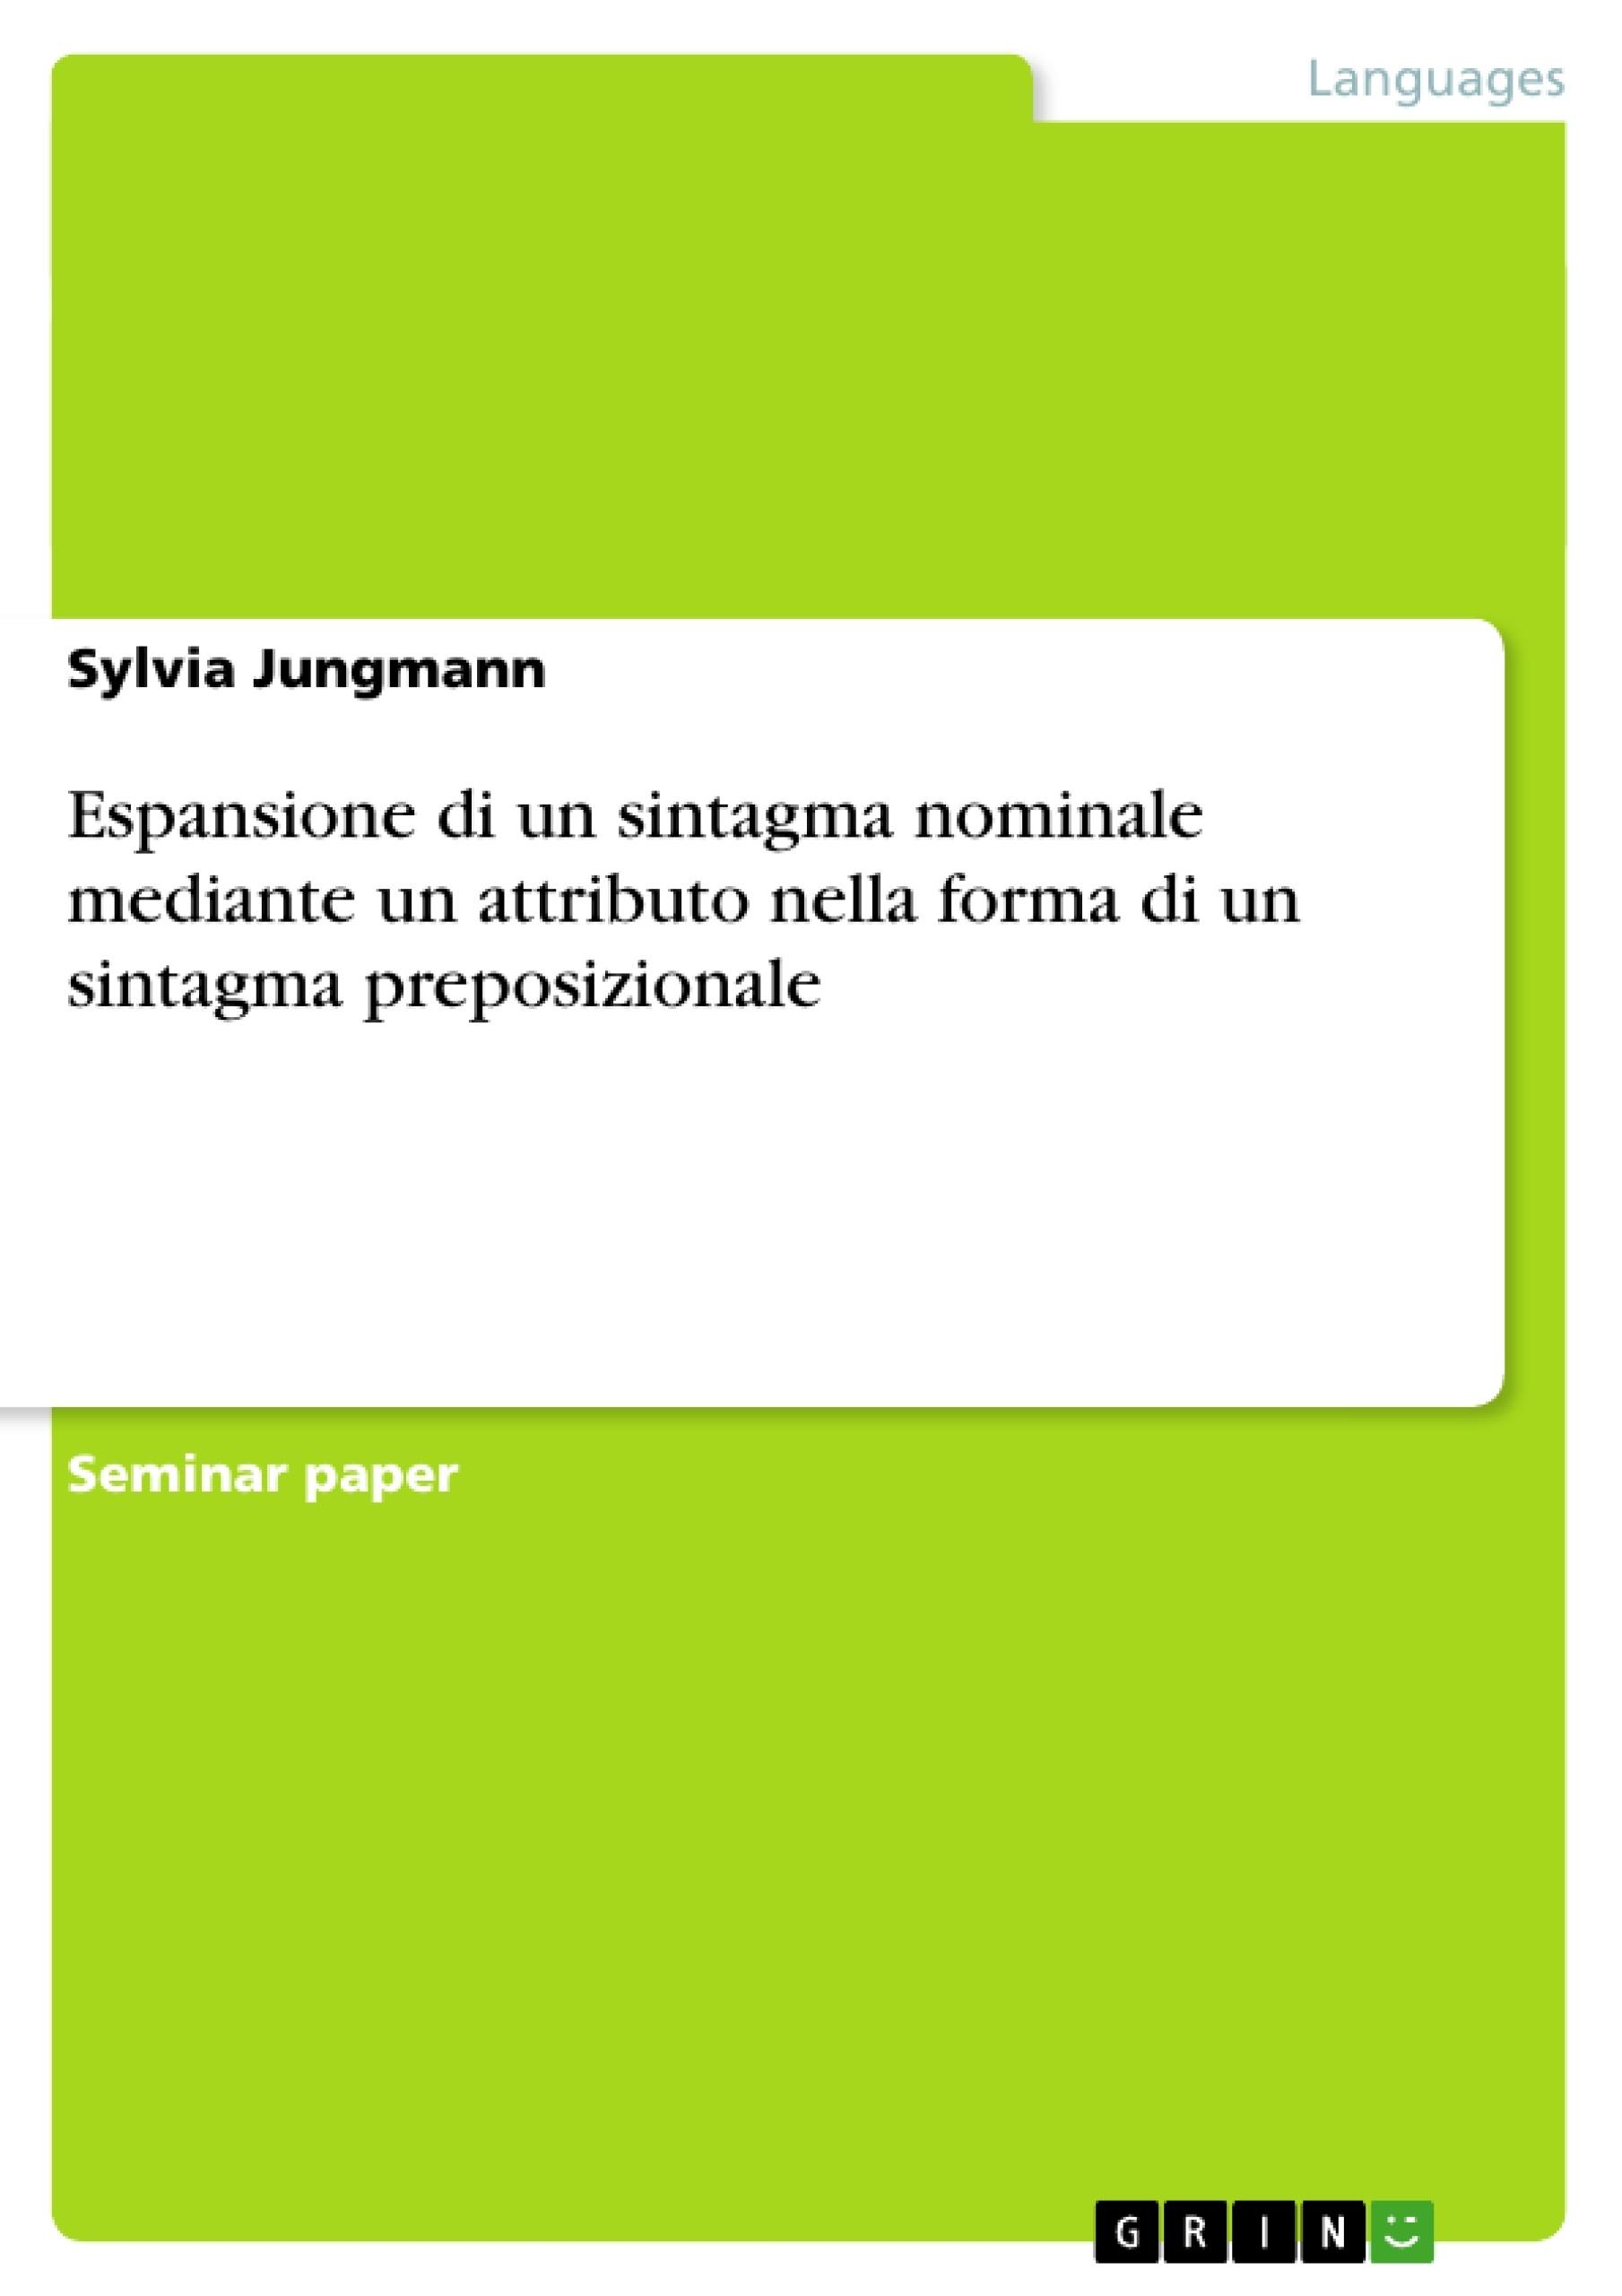 Title: Espansione di un sintagma nominale mediante un attributo nella forma di un sintagma preposizionale